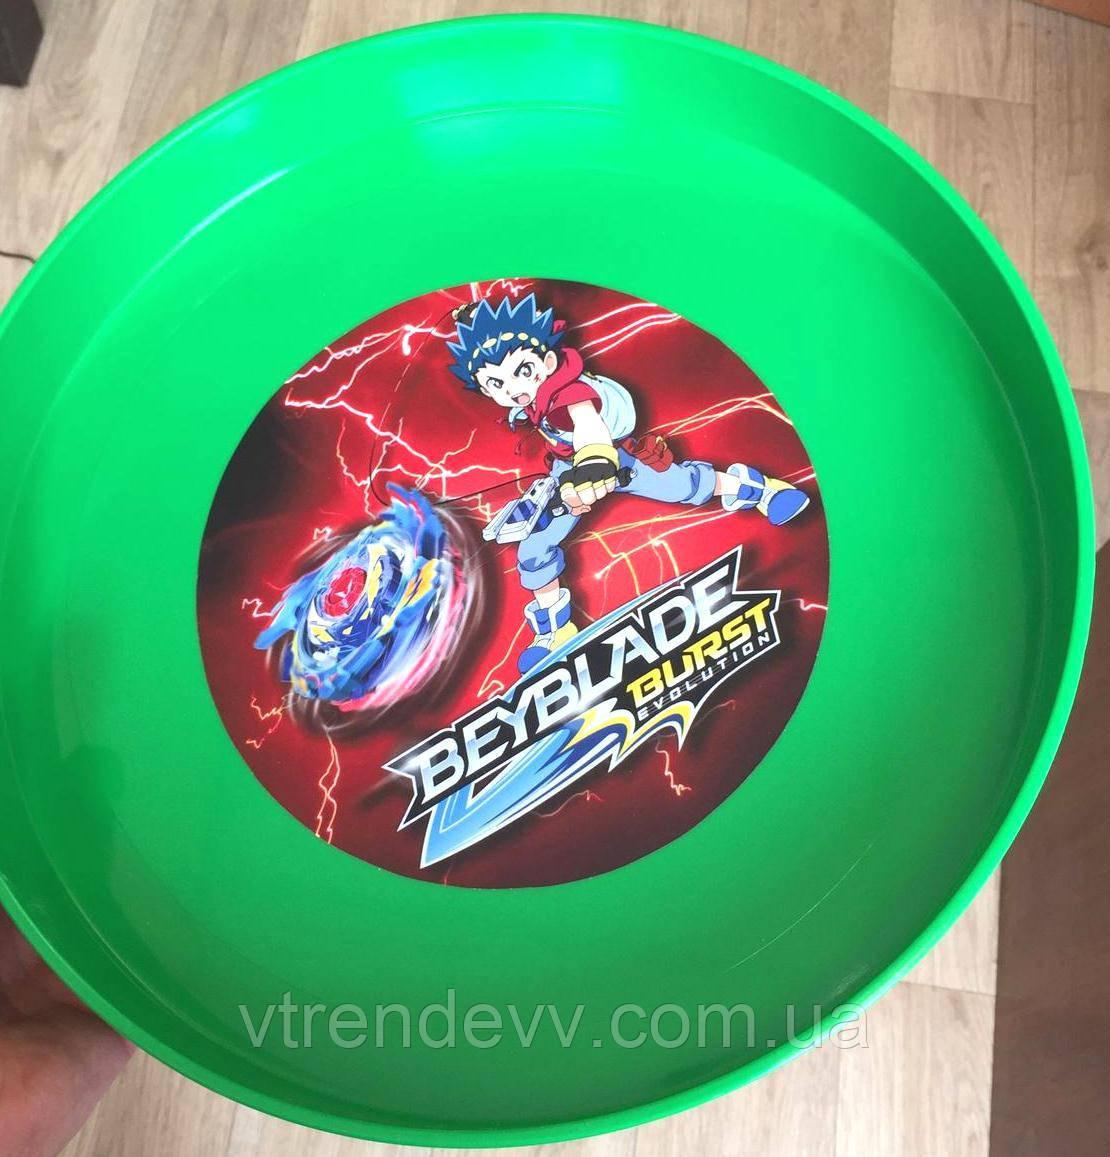 Арена круглая Бейблэйд Beyblade 35 см салатовая